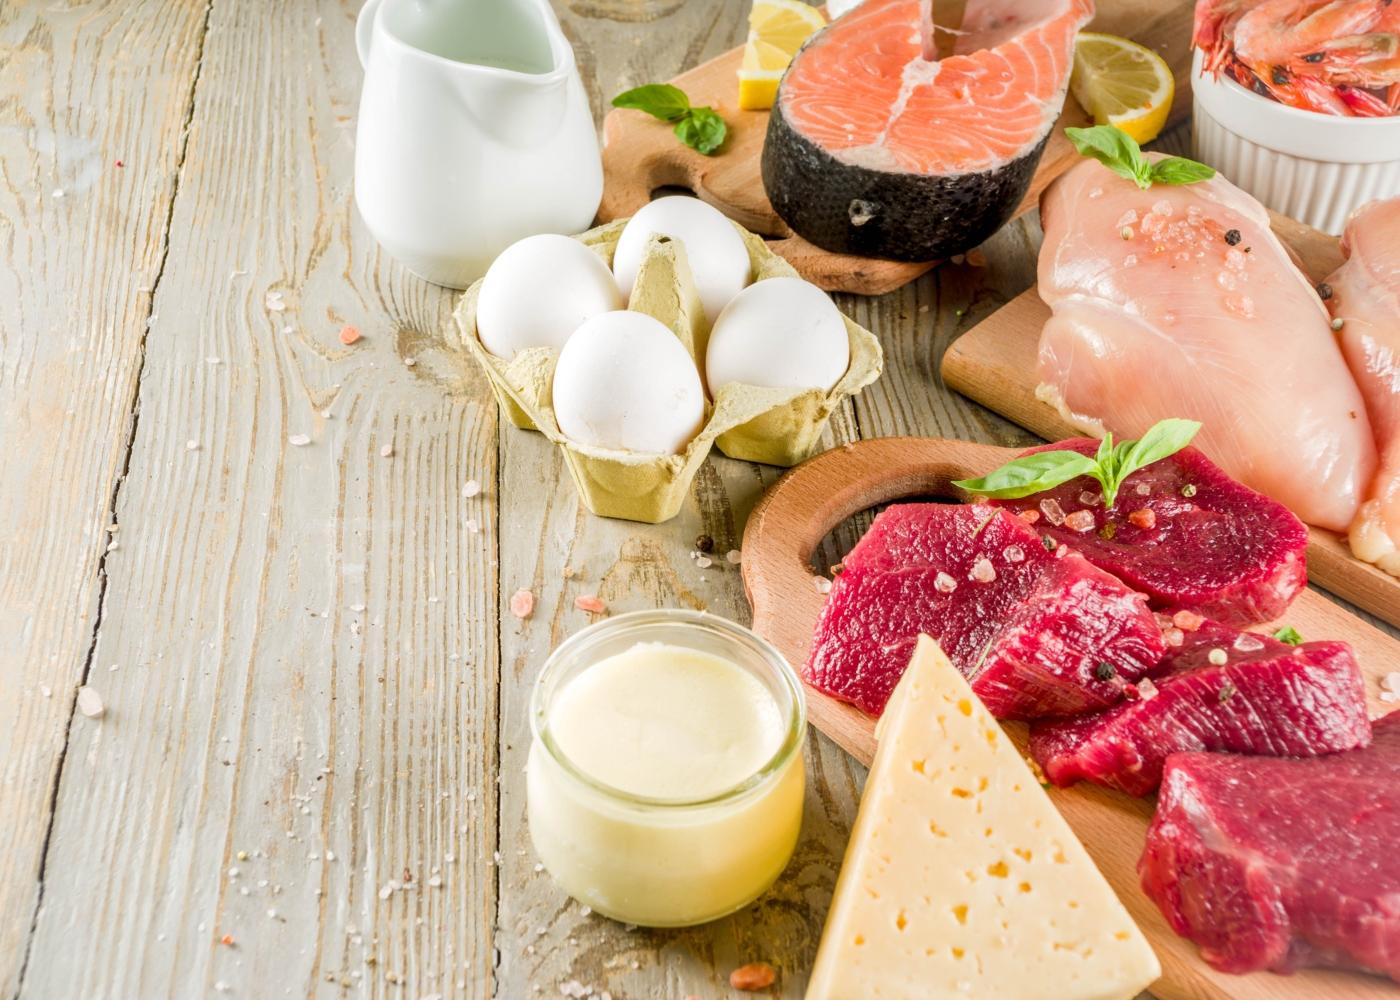 produtos lácteos, carne, peixe e ovos